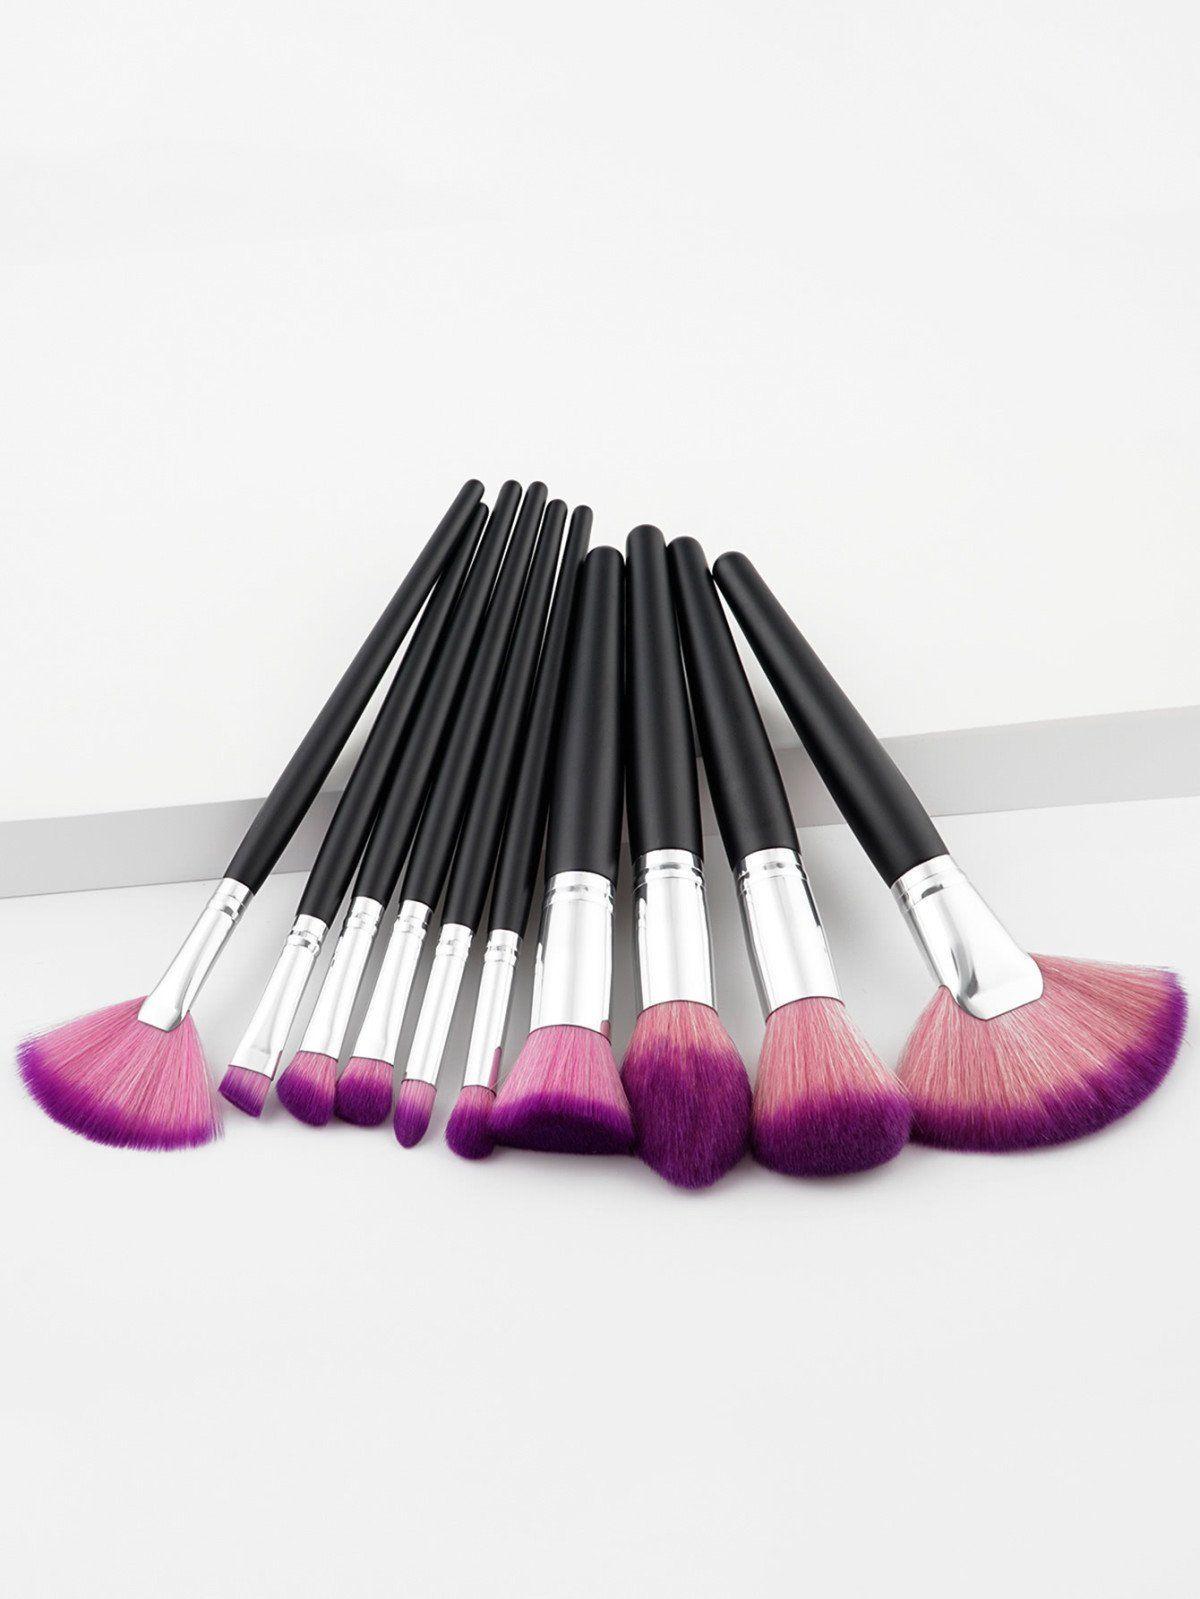 Fan Shaped Makeup Brush Set 10pcs | Makeup brushes, Makeup ...